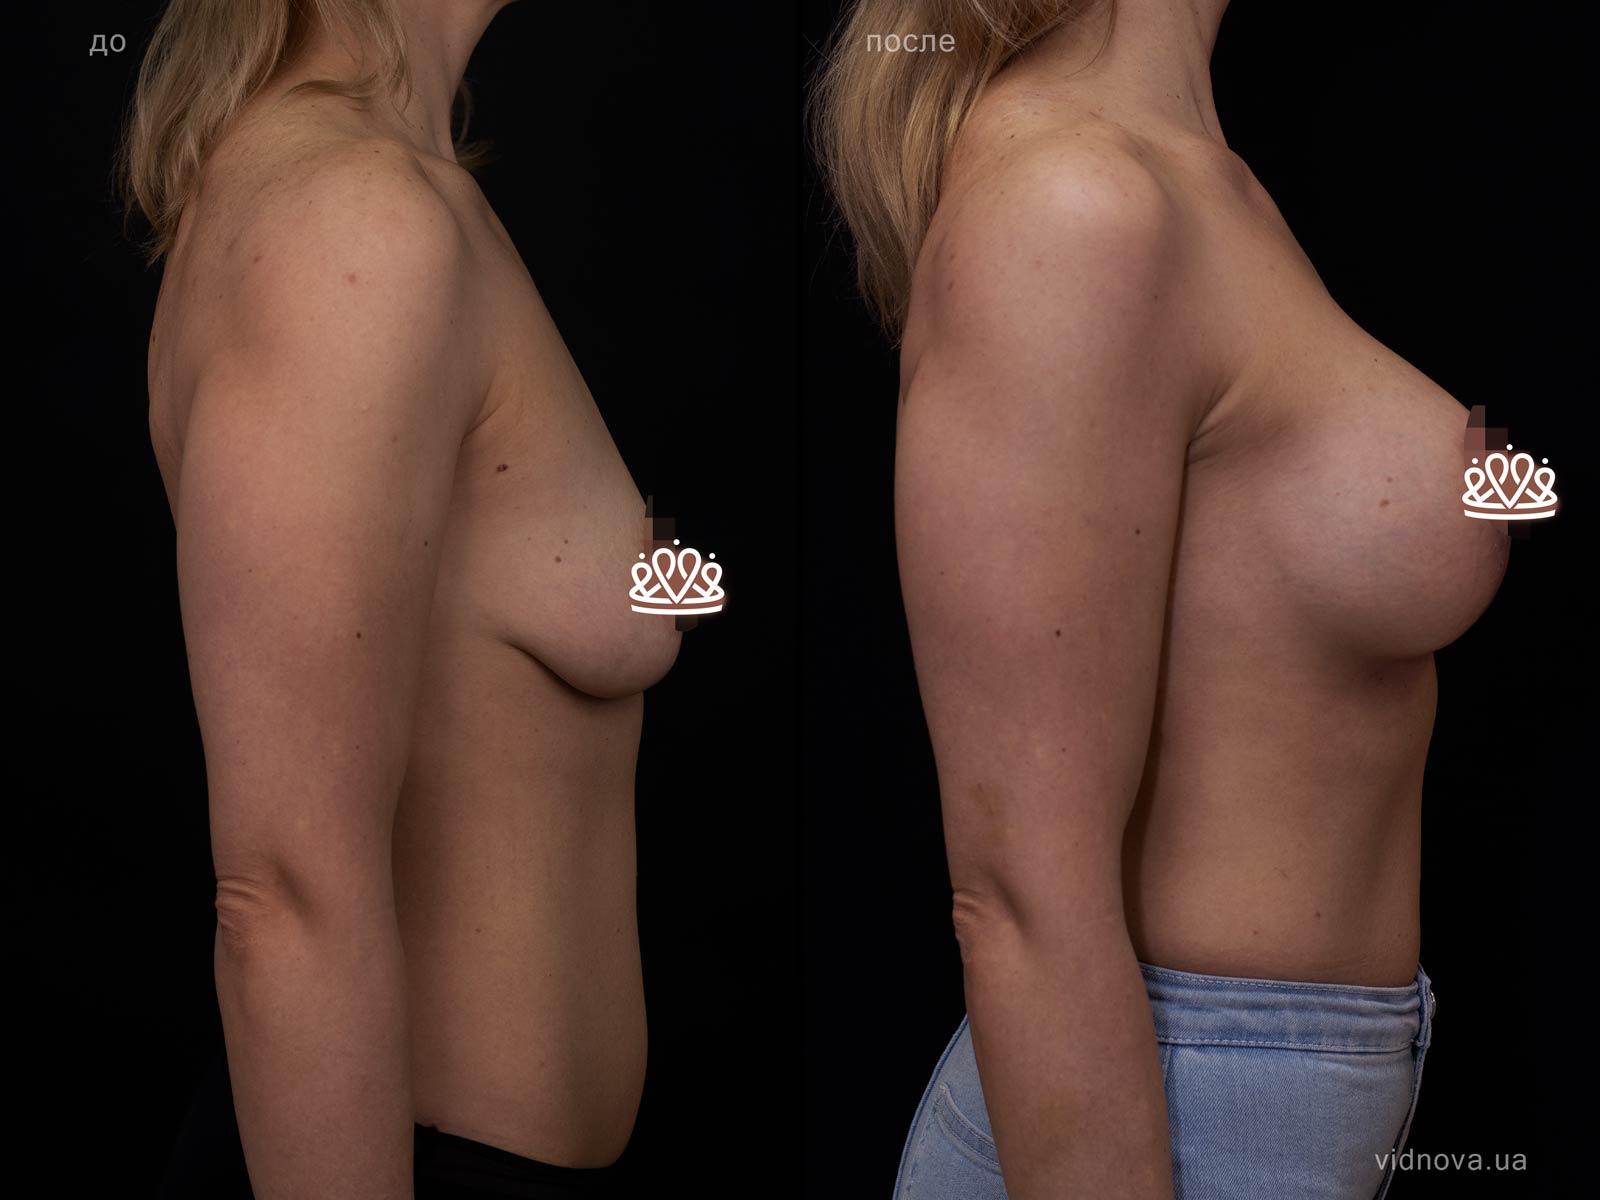 Пластика груди: результаты до и после - Пример №113-2 - Светлана Работенко